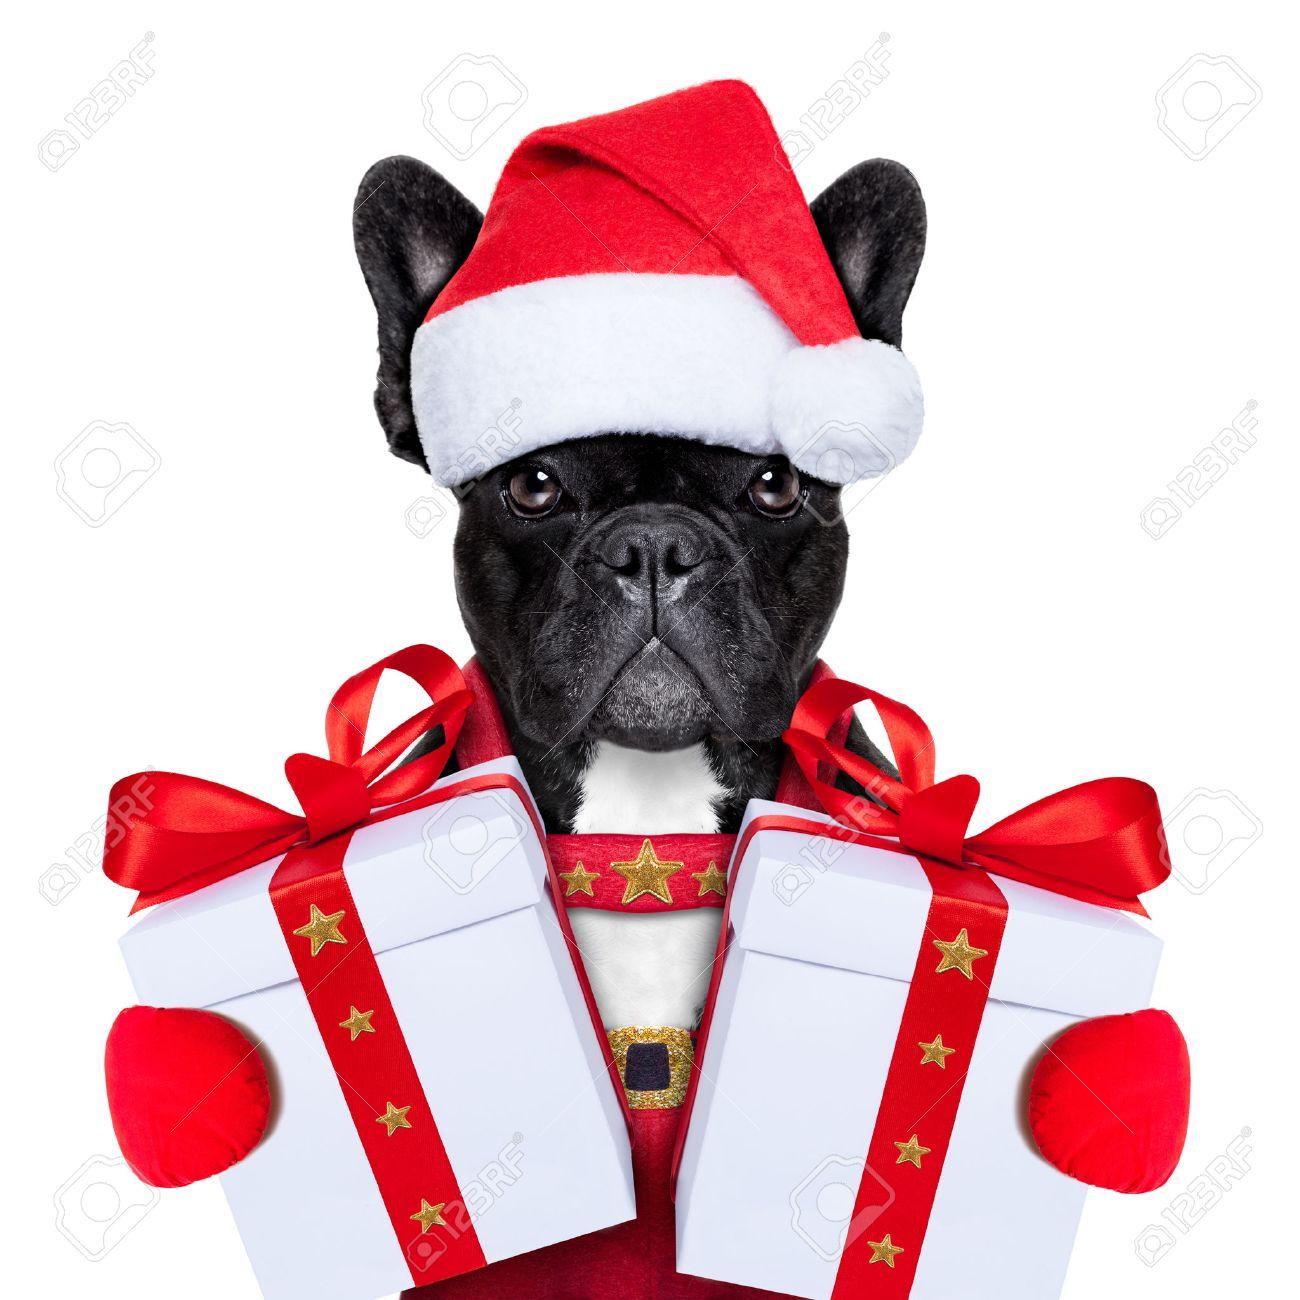 Weihnachtsmann Weihnachten Hund Trägt Einen Hut Mit Einem ...